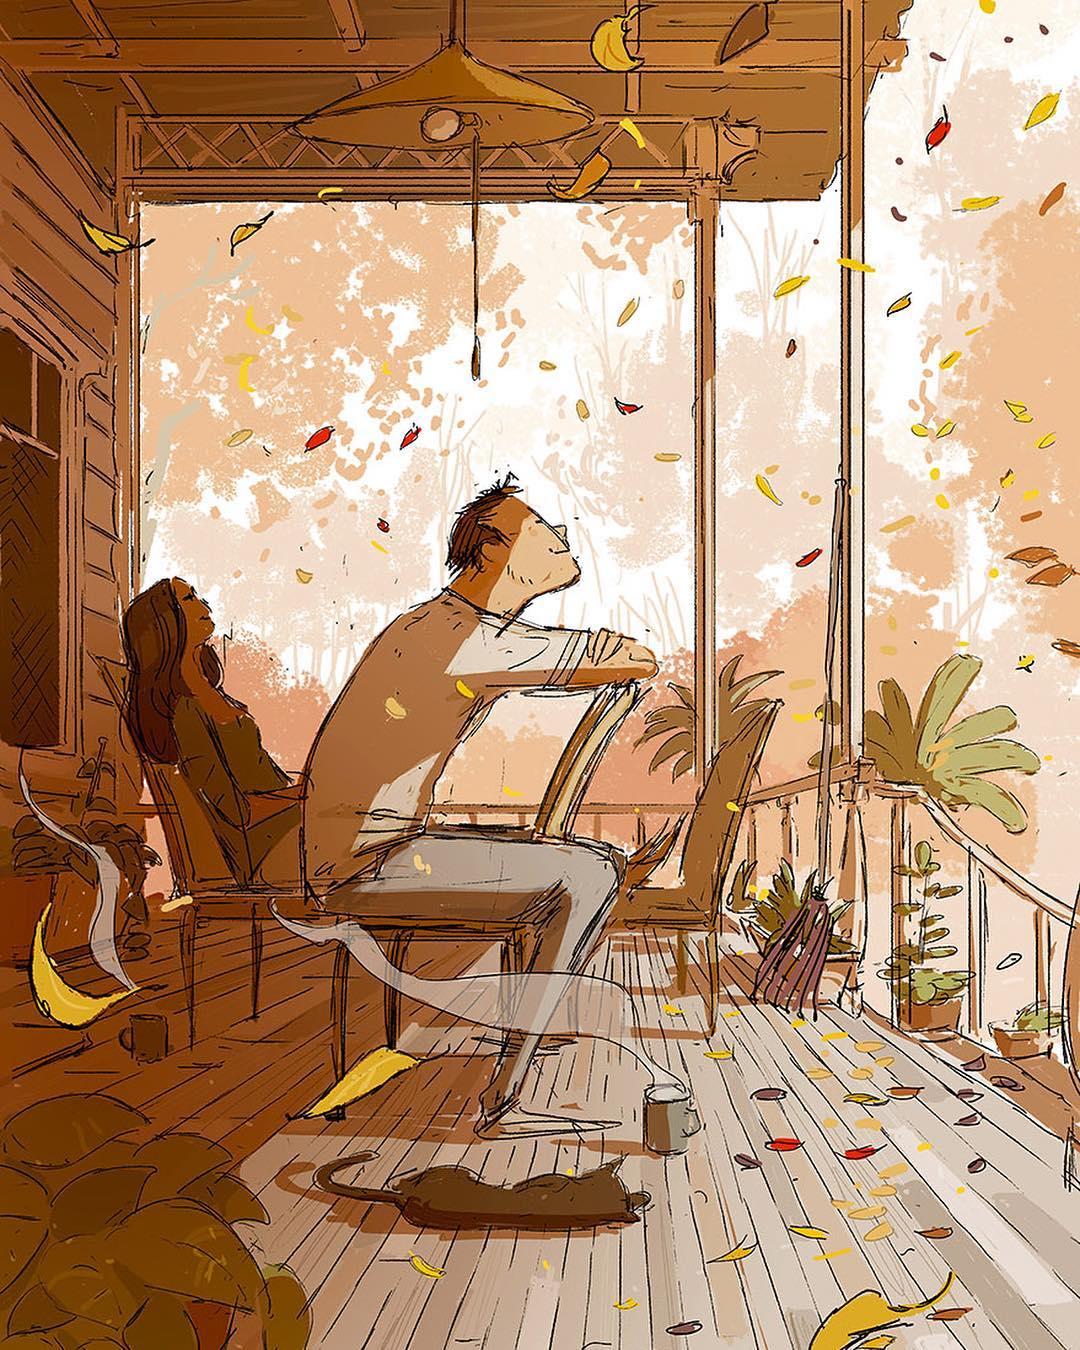 Những cuối tuần ngồi bên nhau nhâm nhi tách trà và ngắm lá rơi khiến tâm hồn ta bình yên đến lạ.